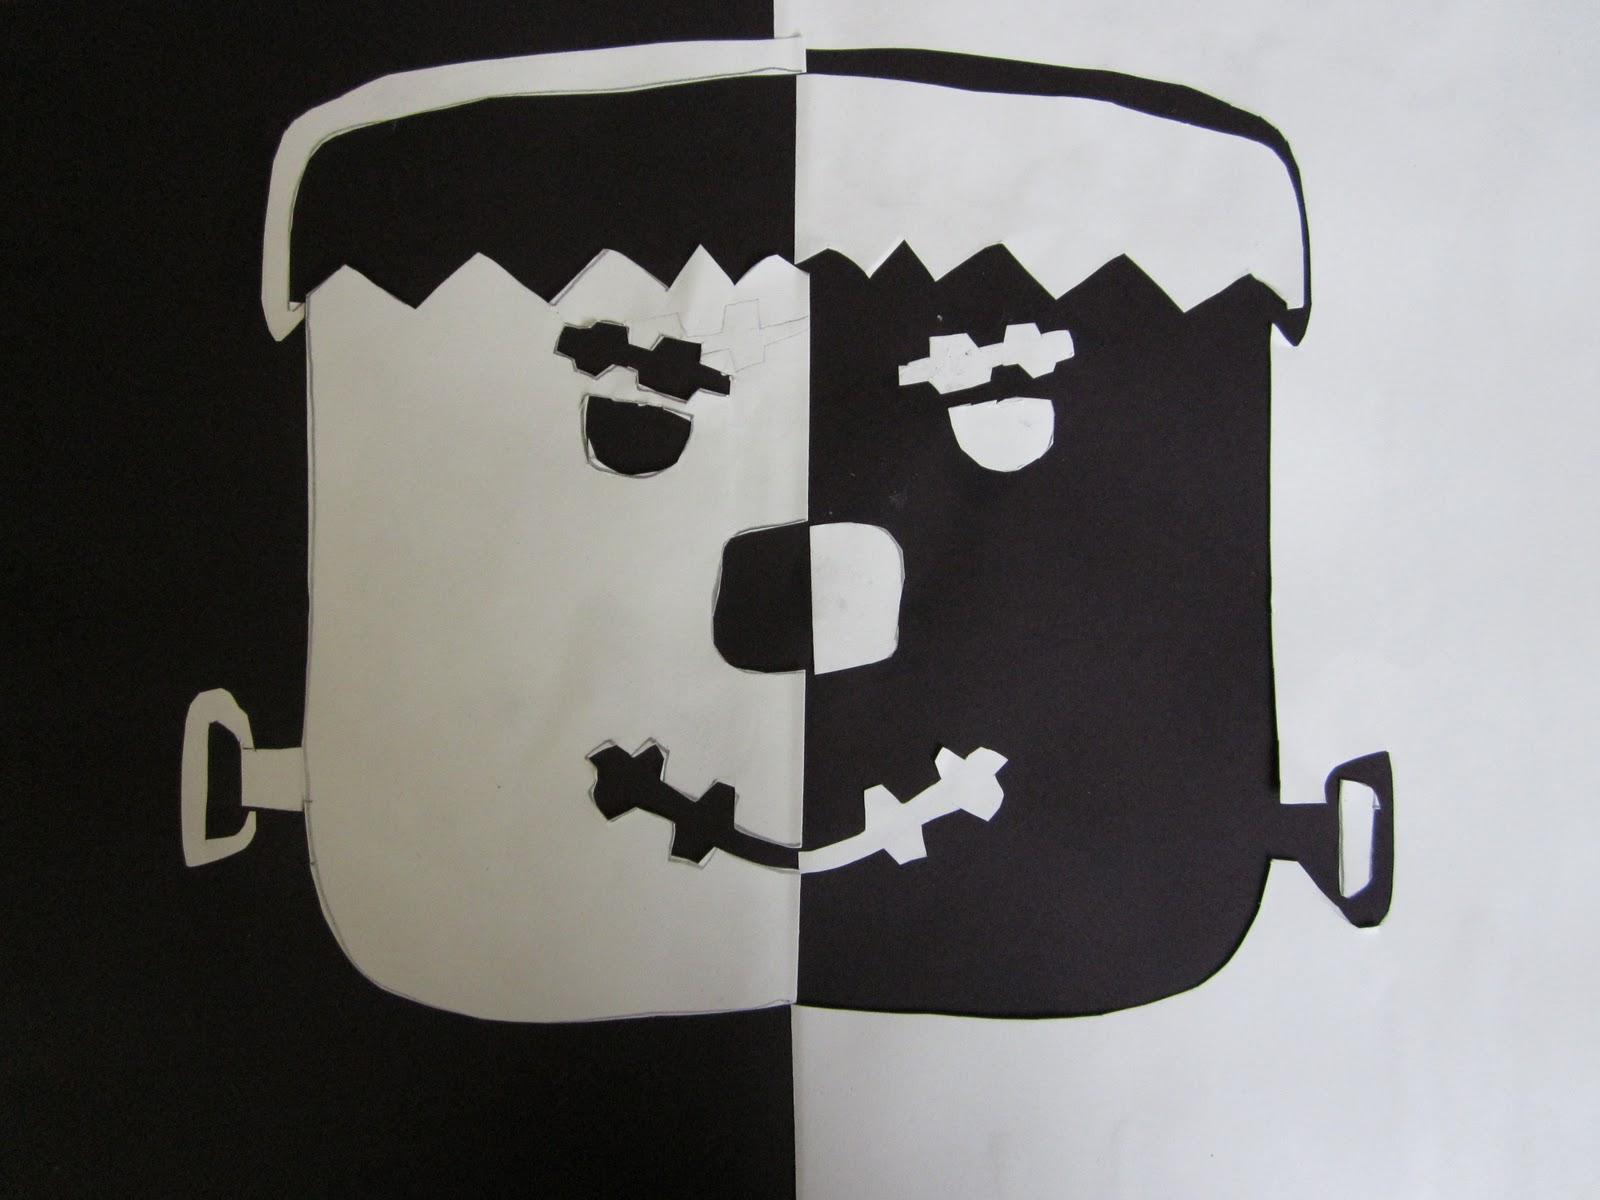 Negative Space Art Projects | www.pixshark.com - Images ...